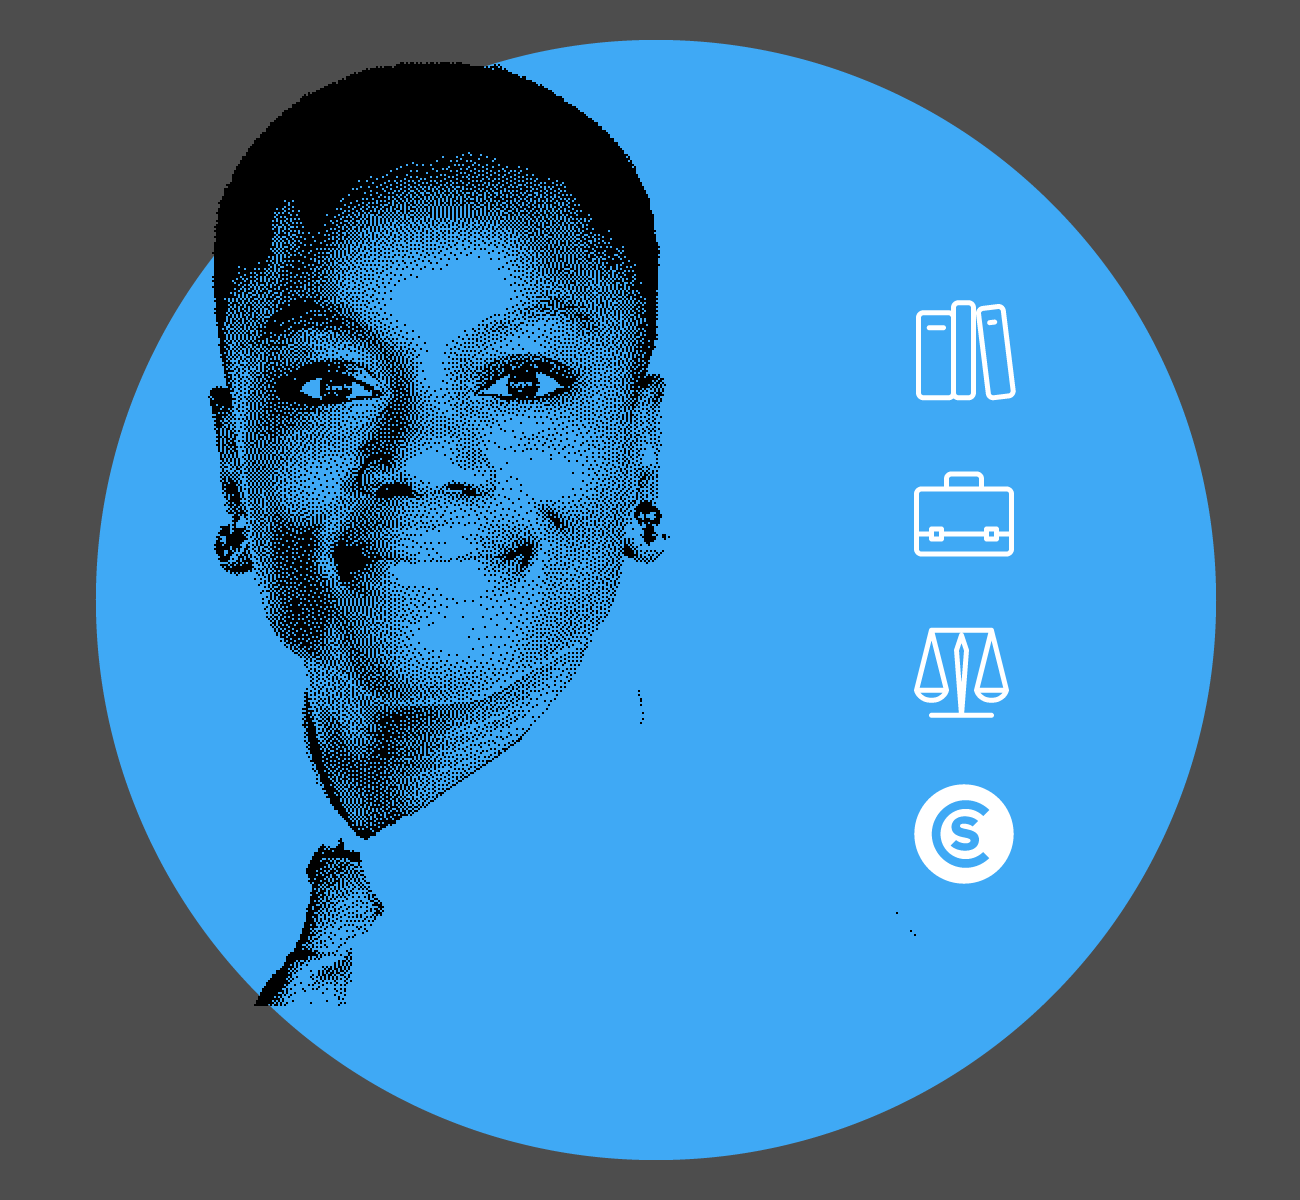 Grey-legal@2x-8.png